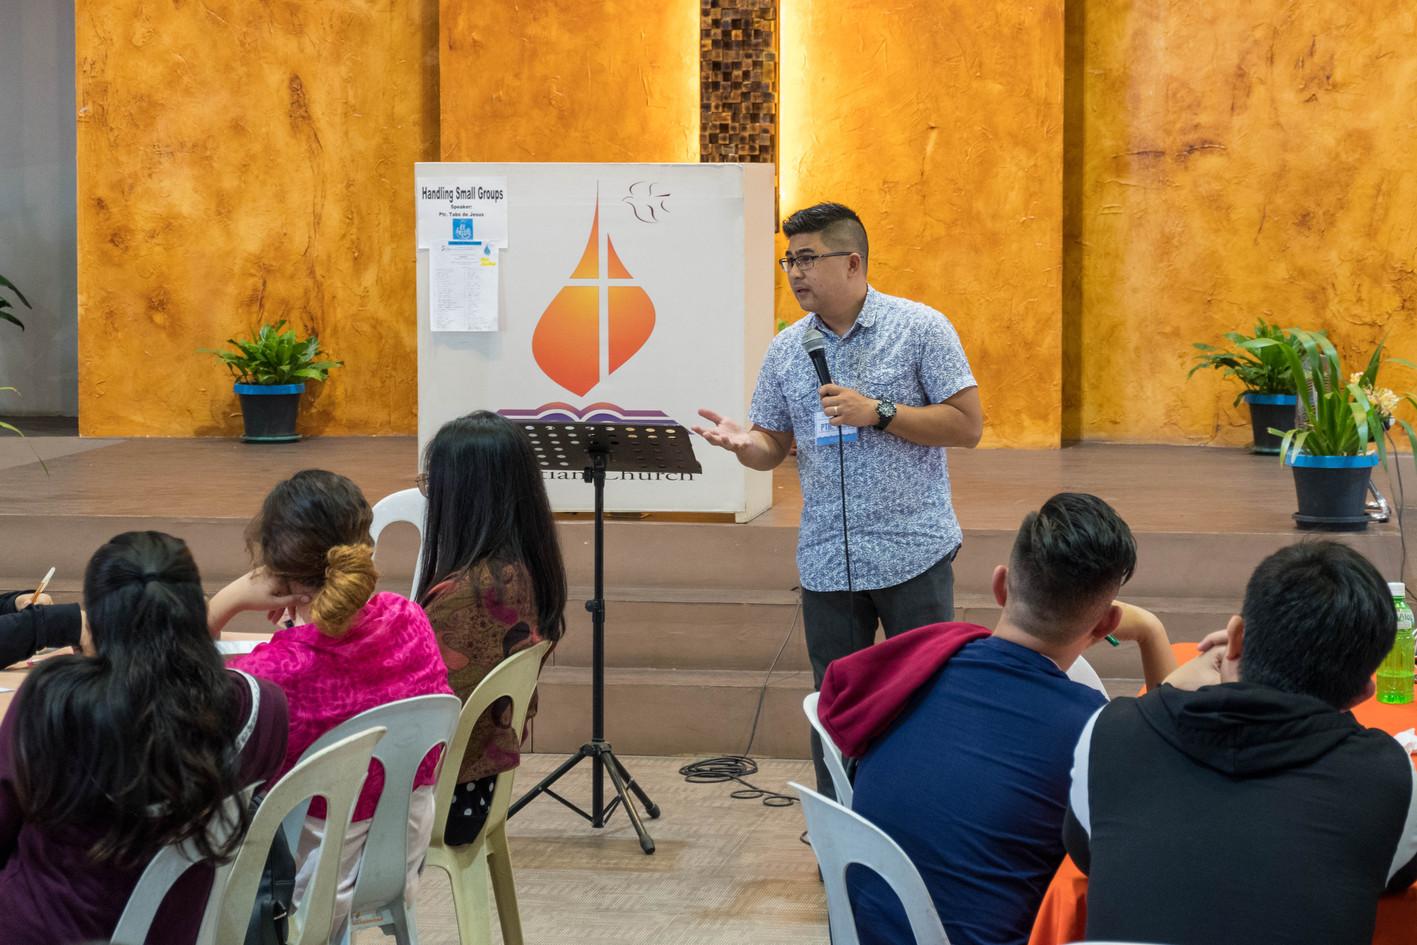 Bro. Tabs de Jesus on Handling Small Groups